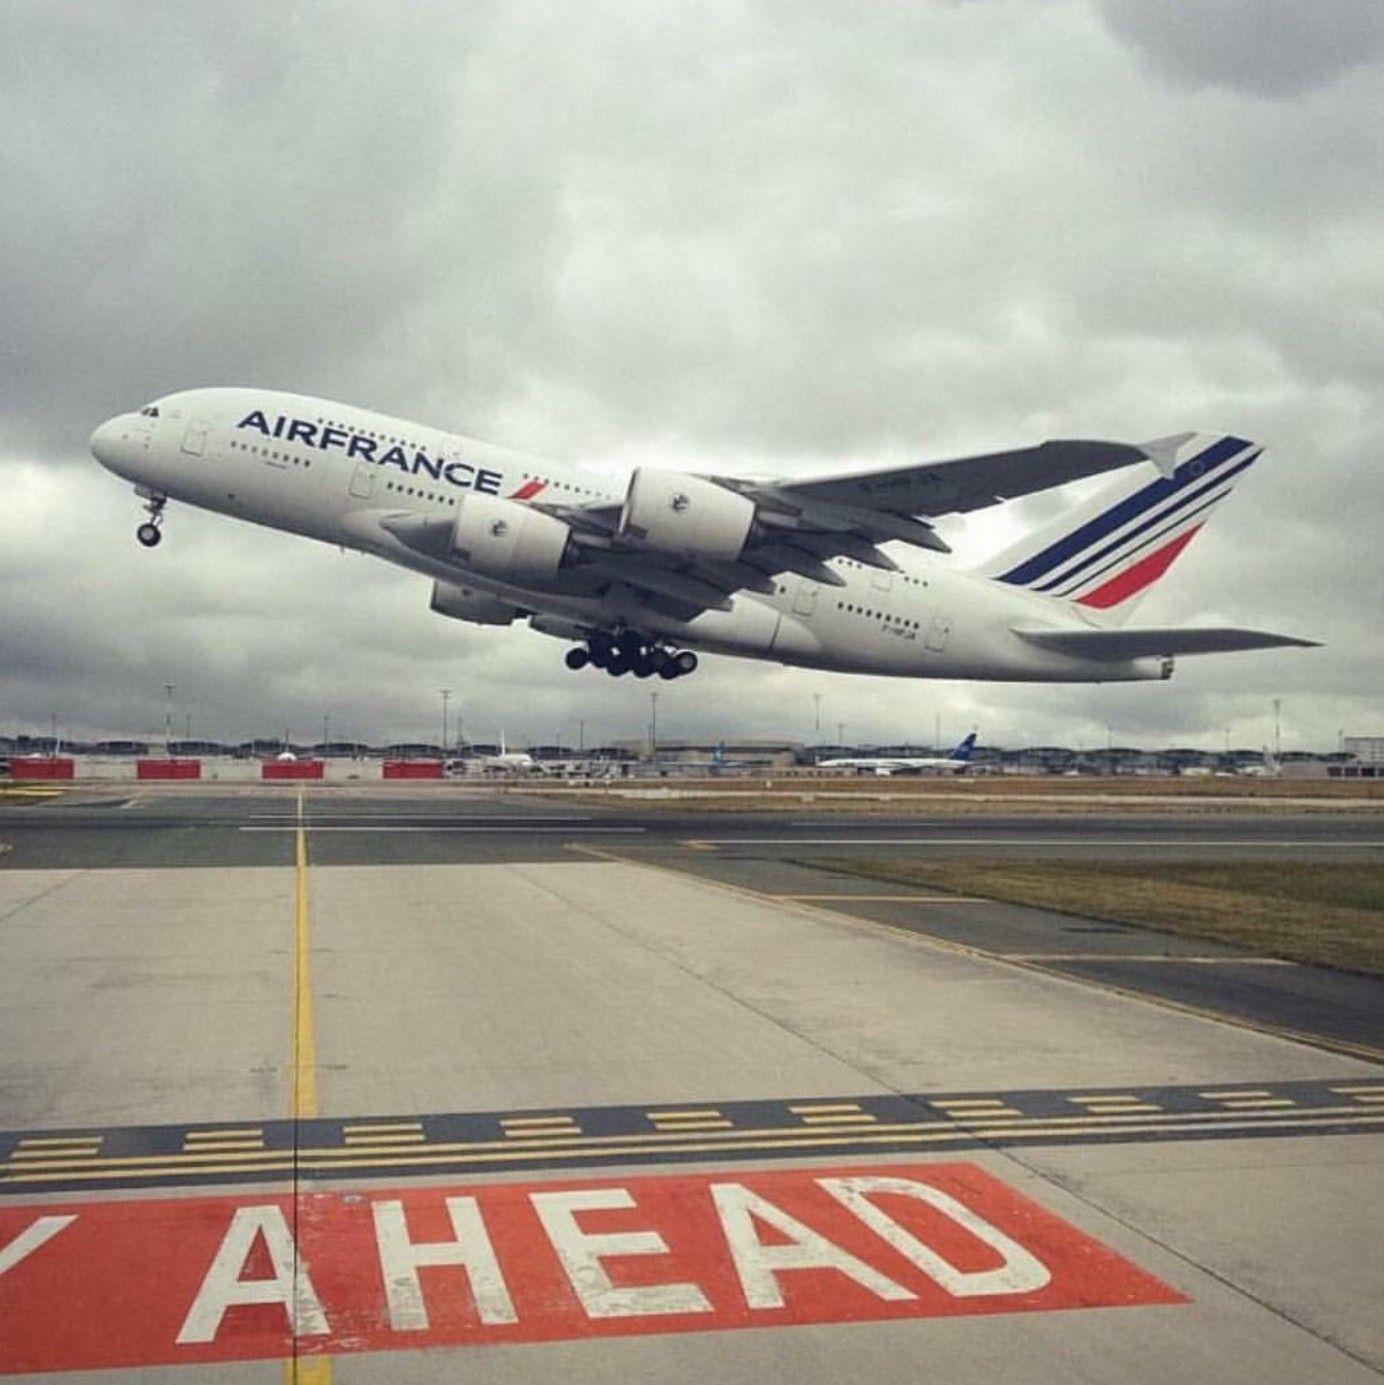 Runway Ahead Air France Airbus A380 Aviation, Air